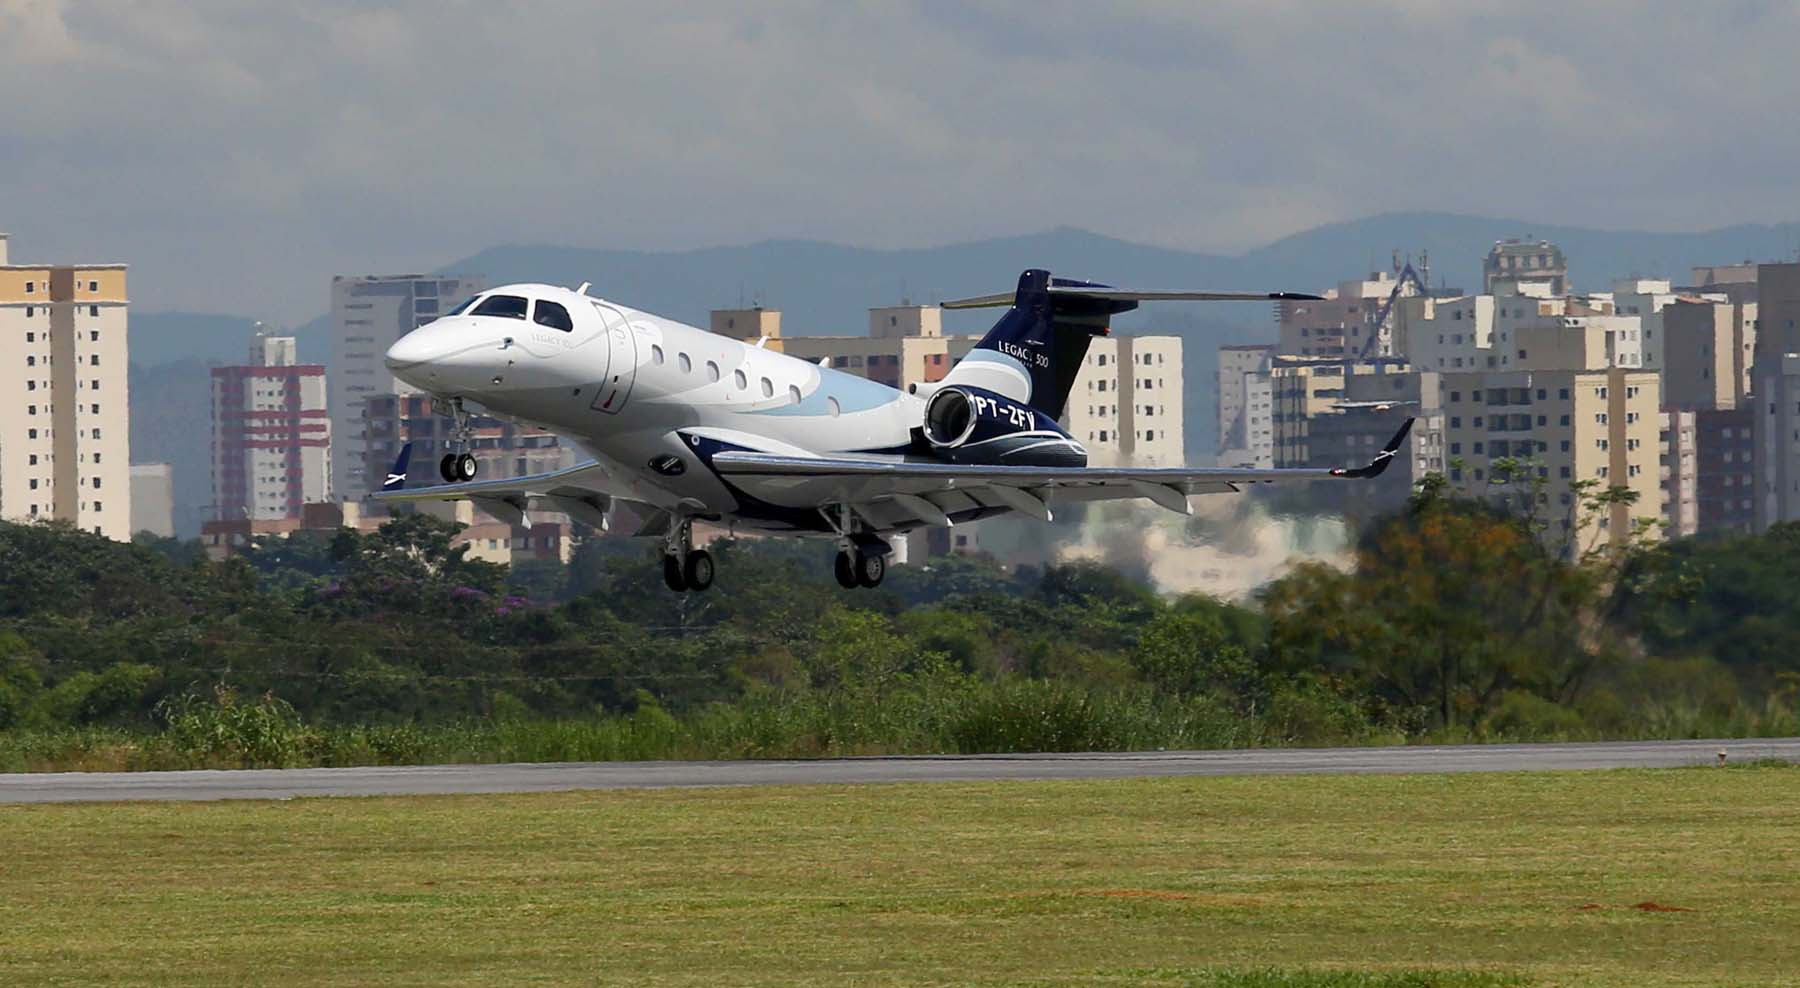 aeroporto - [Brasil] Embraer seleciona aeroporto da Flórida para fazer aviões Voa-terceiro-prot%C3%B3tipo-do-Legacy-500-foto-Embraer